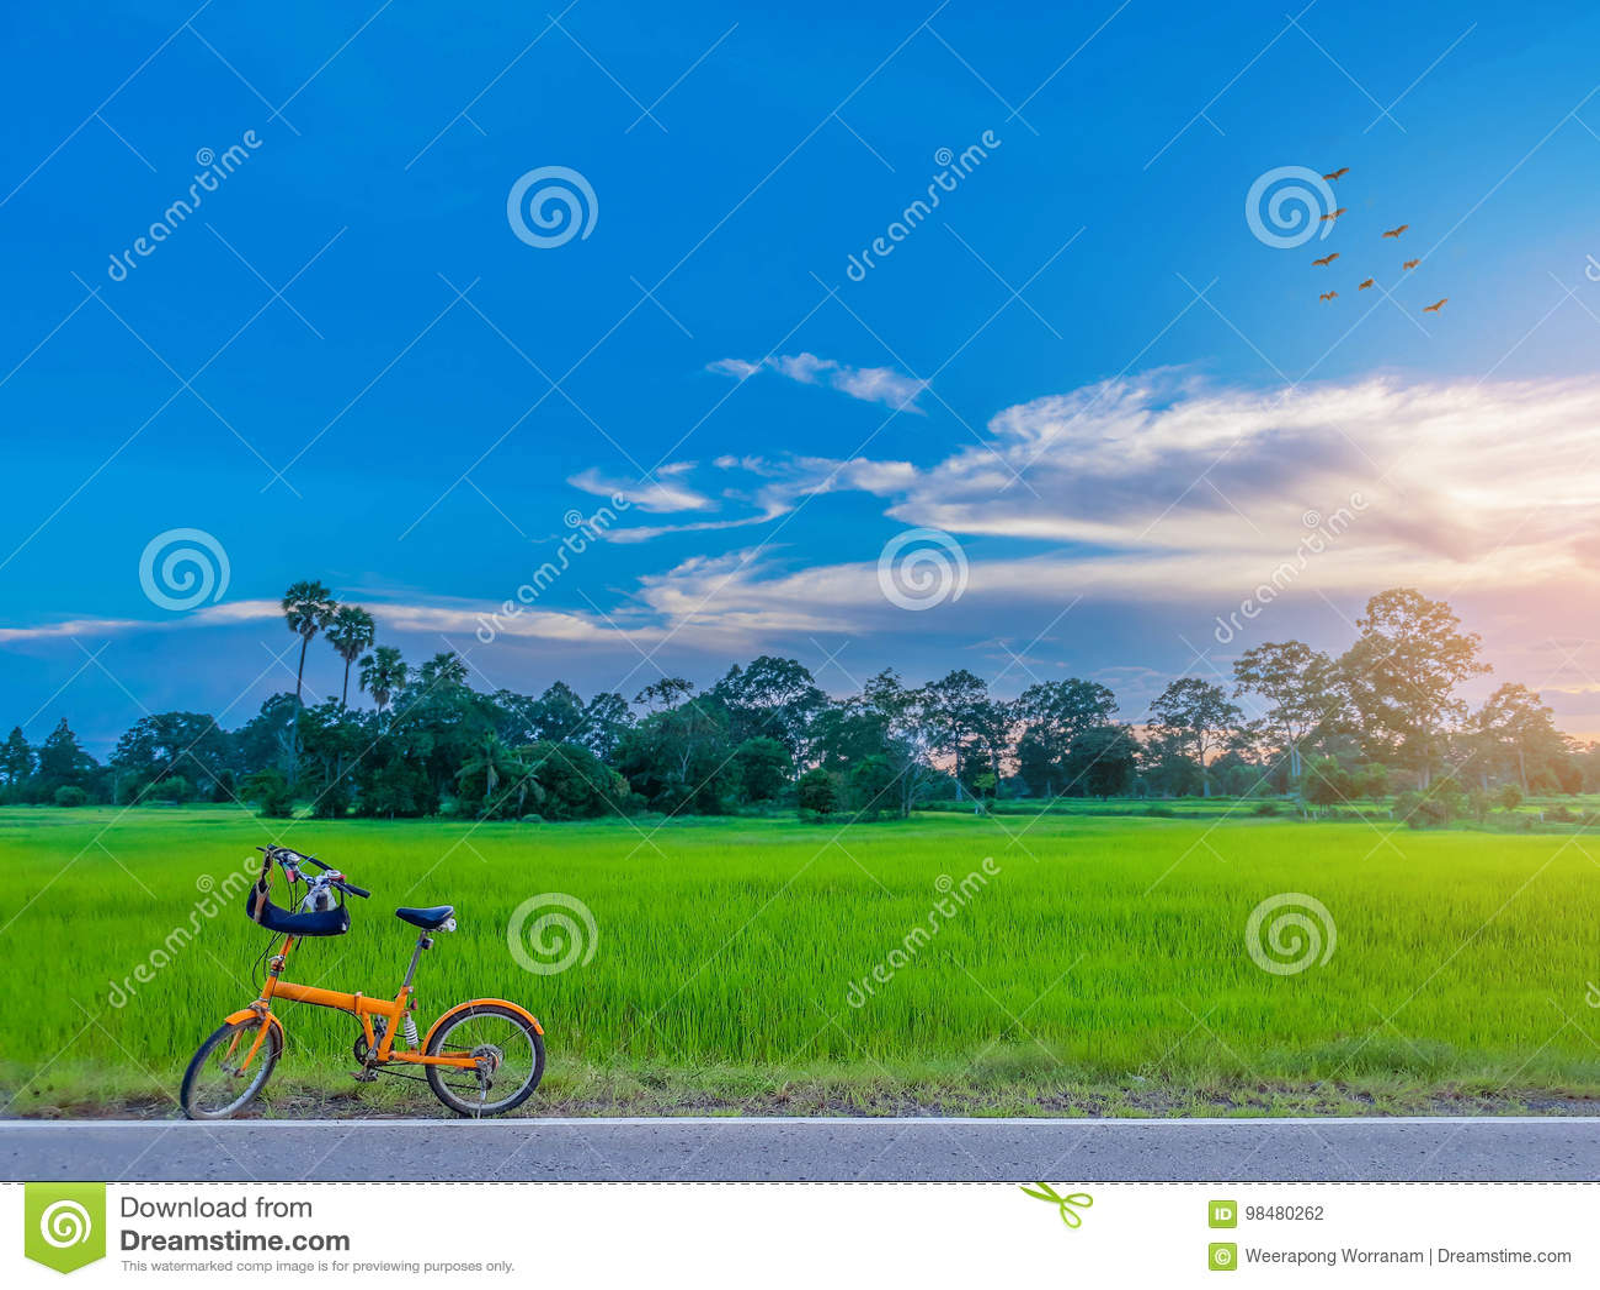 Abstrakt mjuk suddig och mjuk fokus som konturn av råriers sätter in med cykeln, solnedgången, den härliga himlen och moln